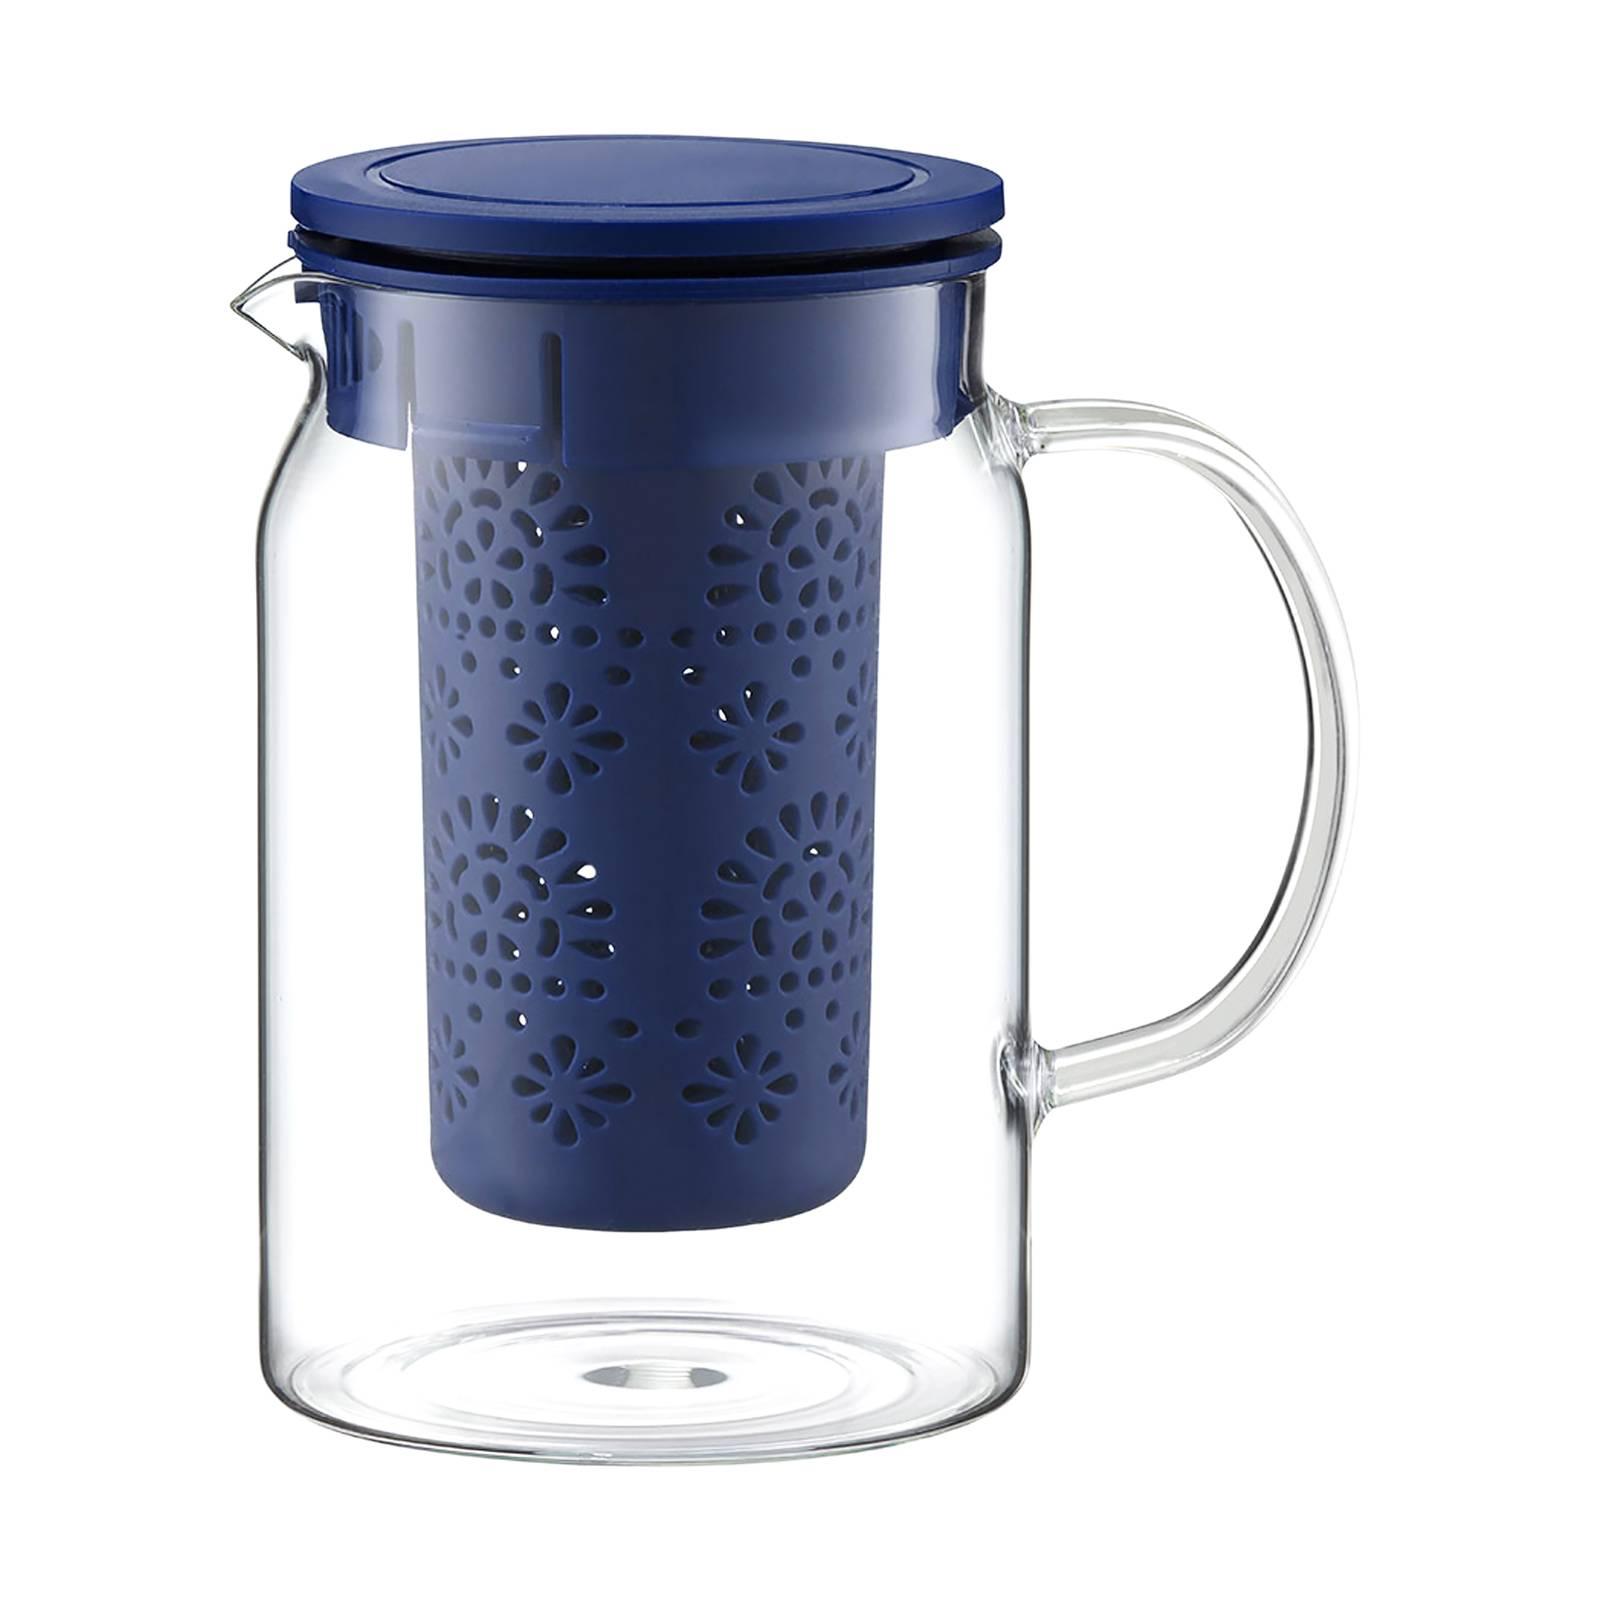 Krug Subtele mit Teesieb und Deckel marineblau 1000 ml AMBITION